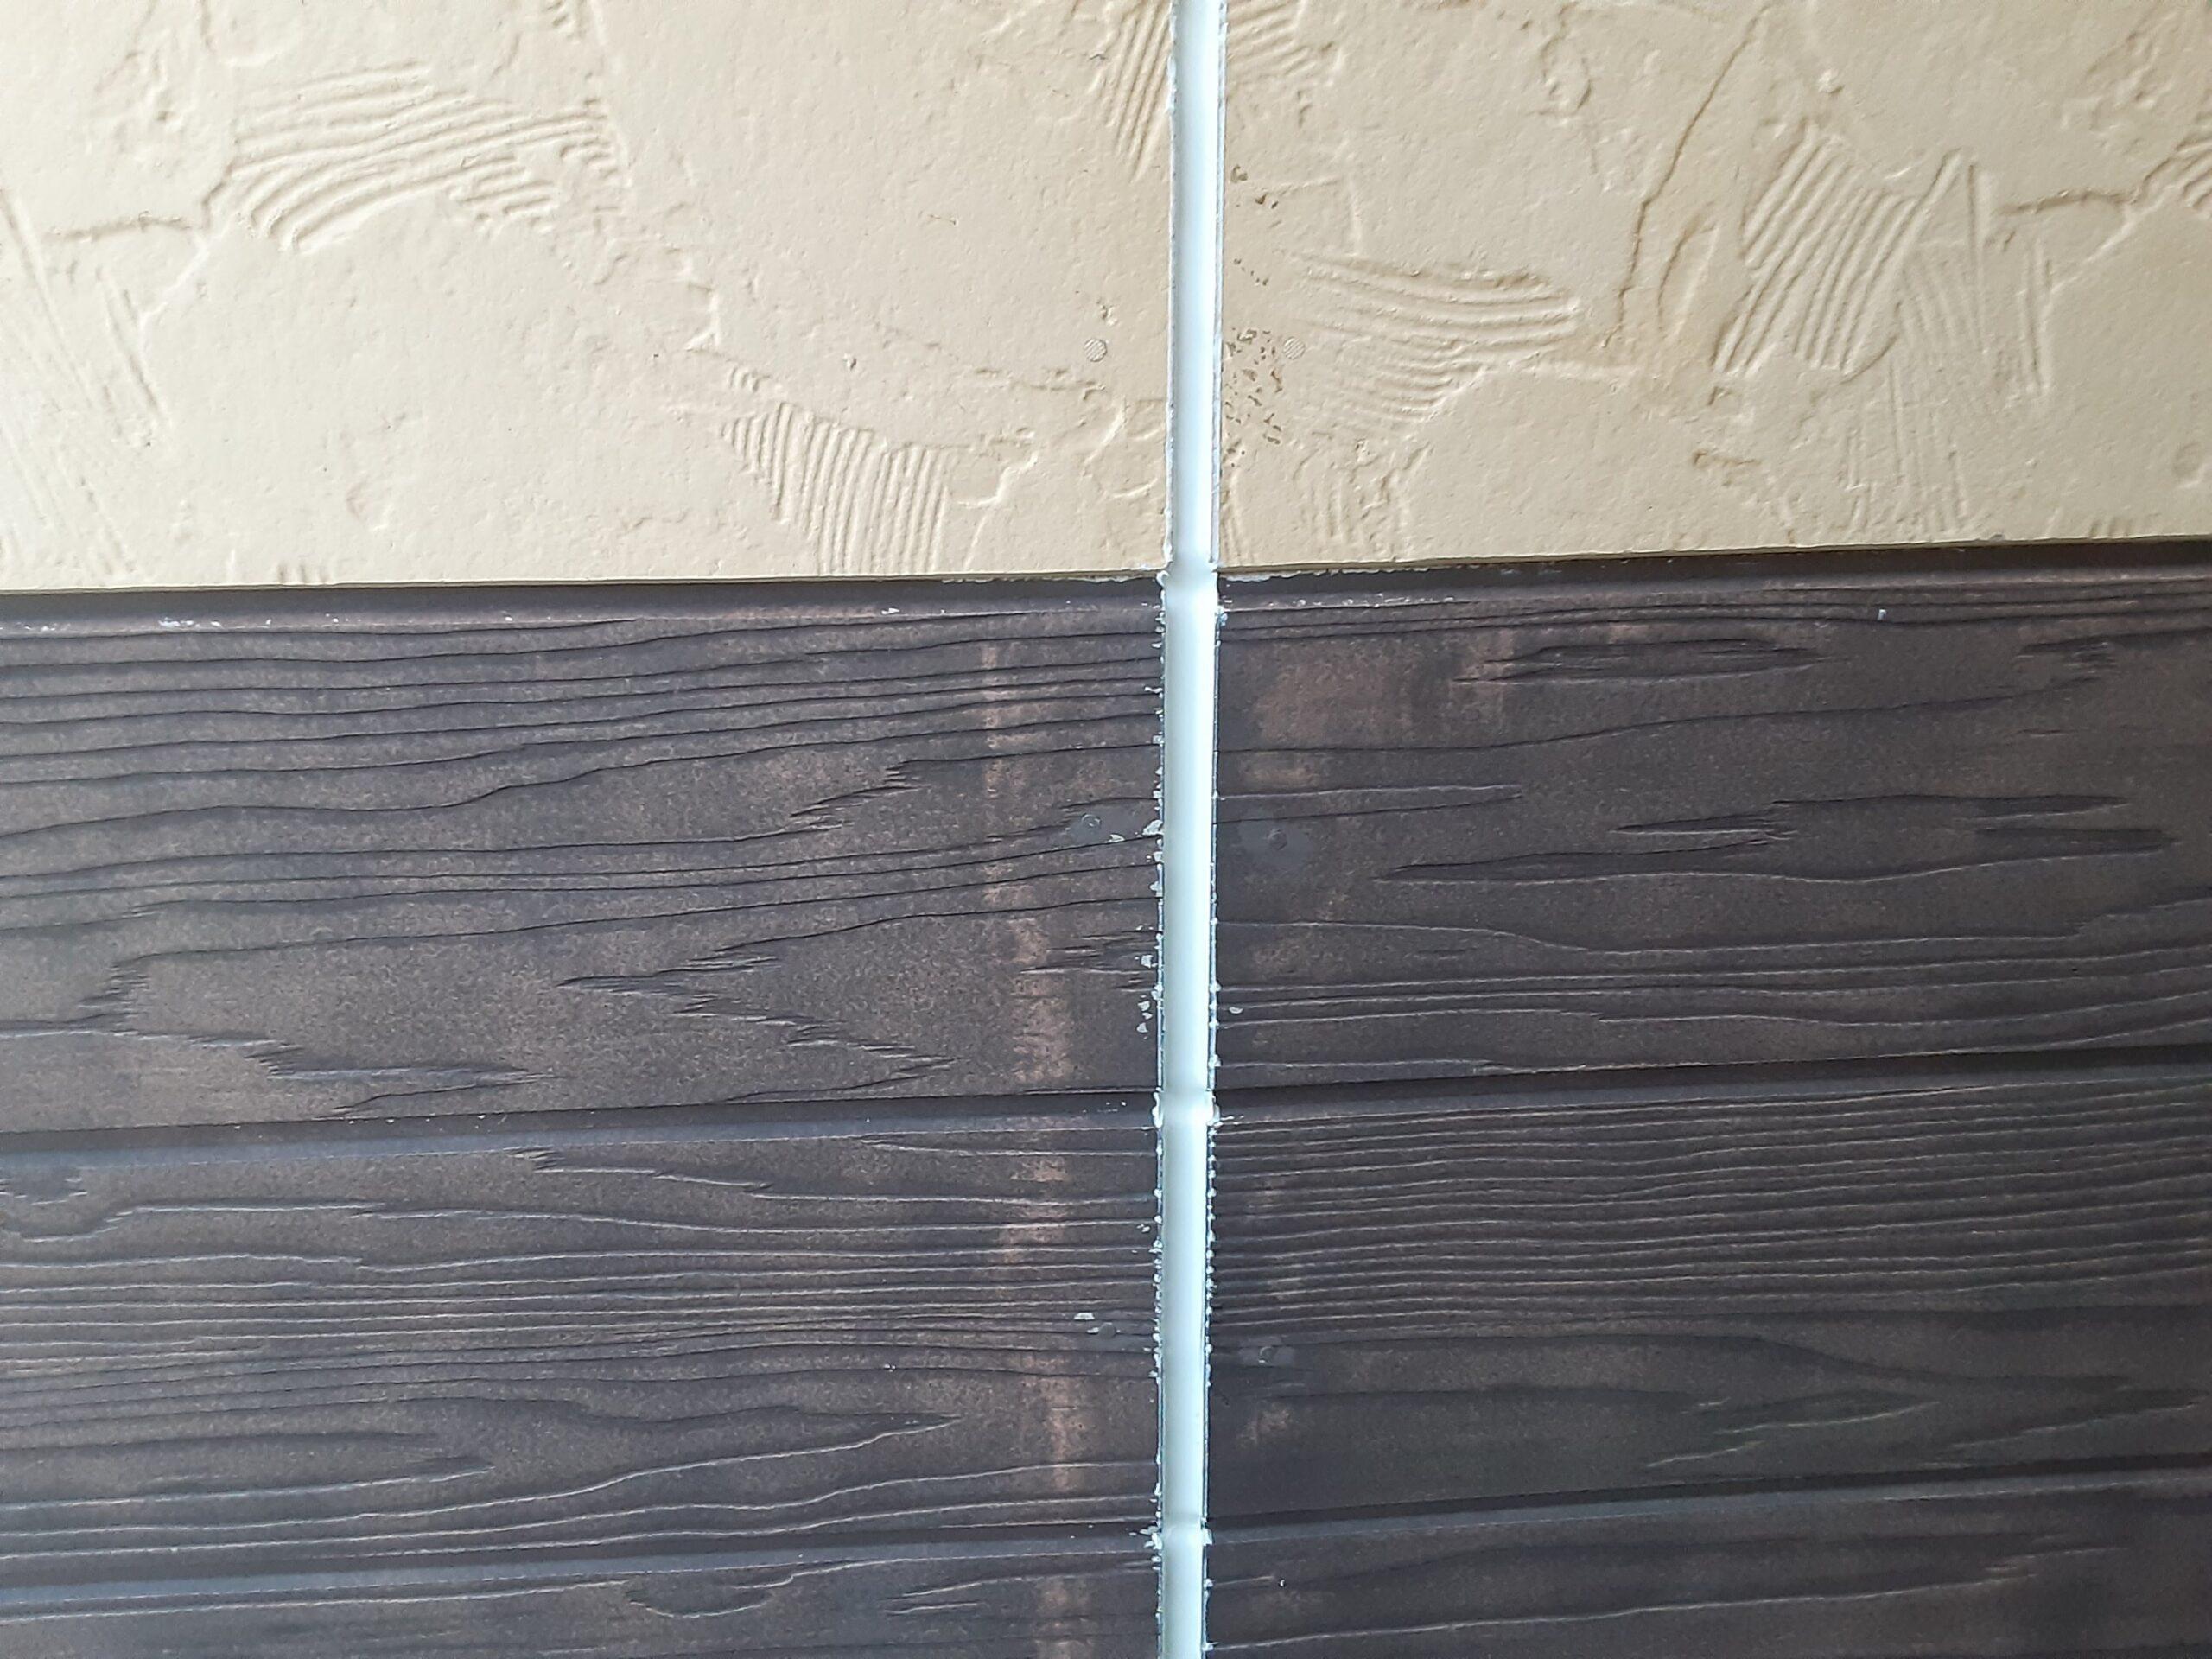 埼玉県さいたま市桜区のA様邸(木造3階建て)にて外壁のコーキングの打ち替え